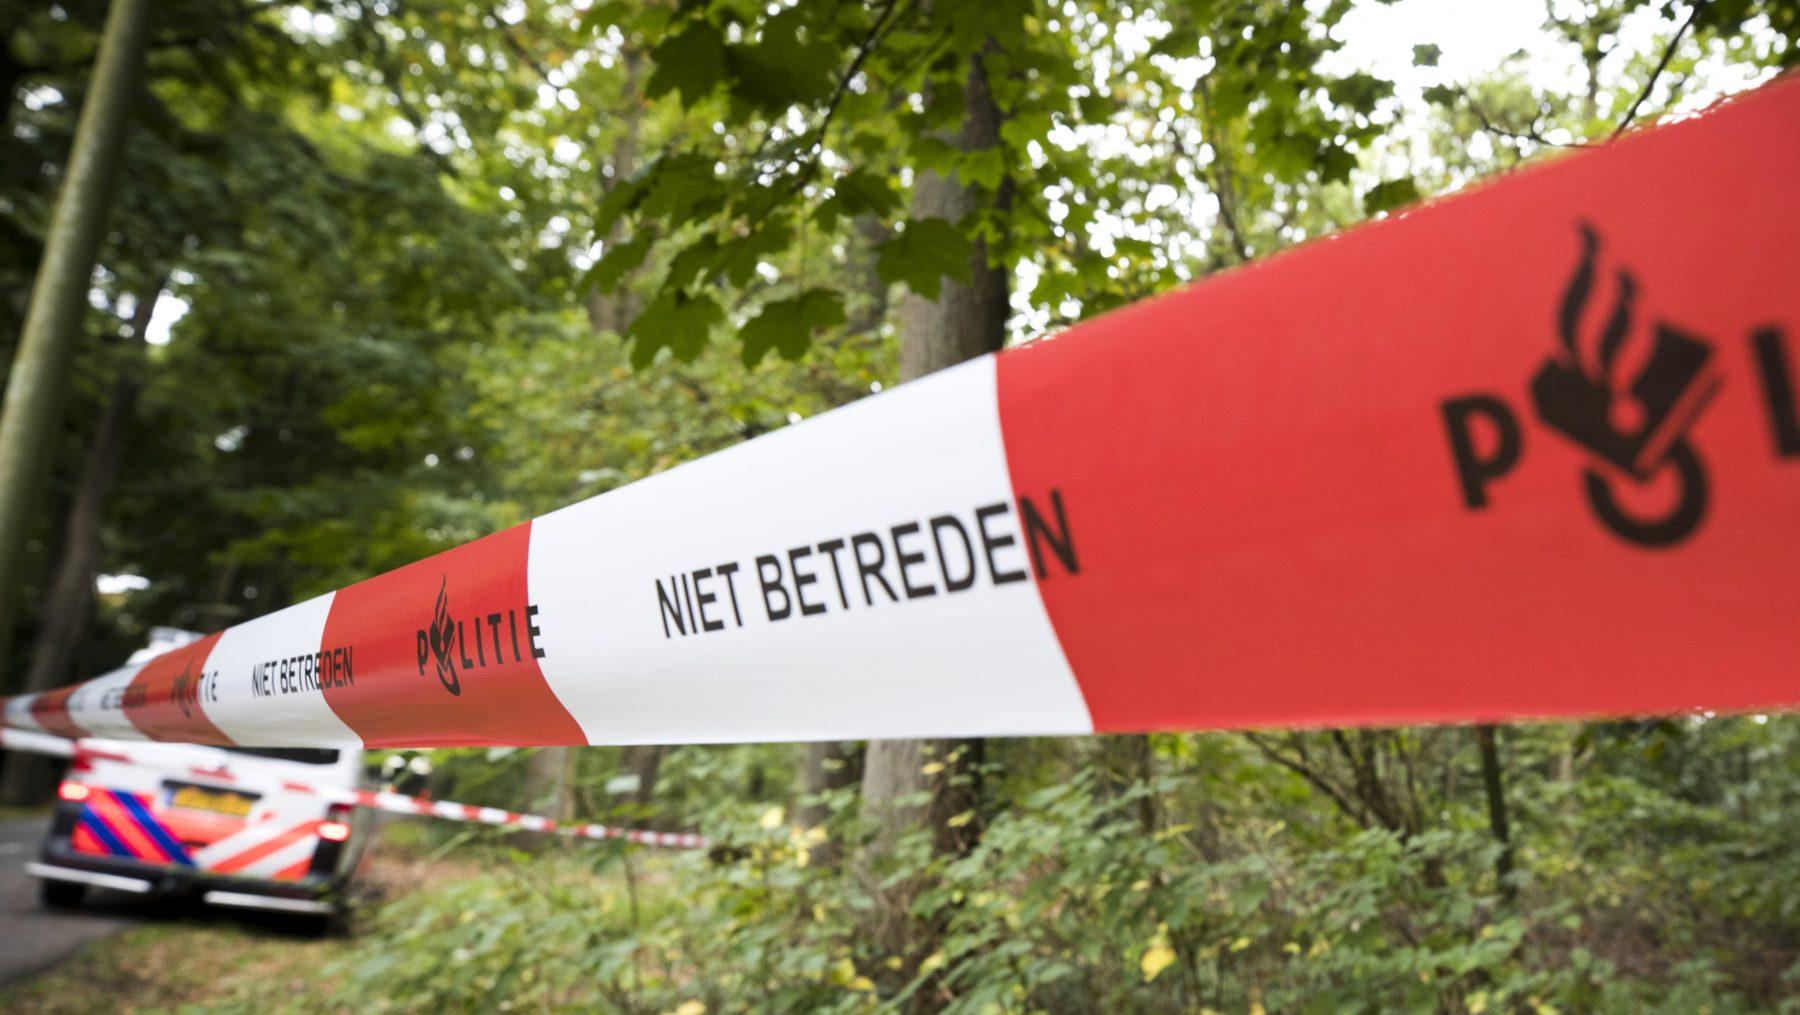 Speeltuin in Limburg gesloten nadat jongen twee keer handgranaat vindt